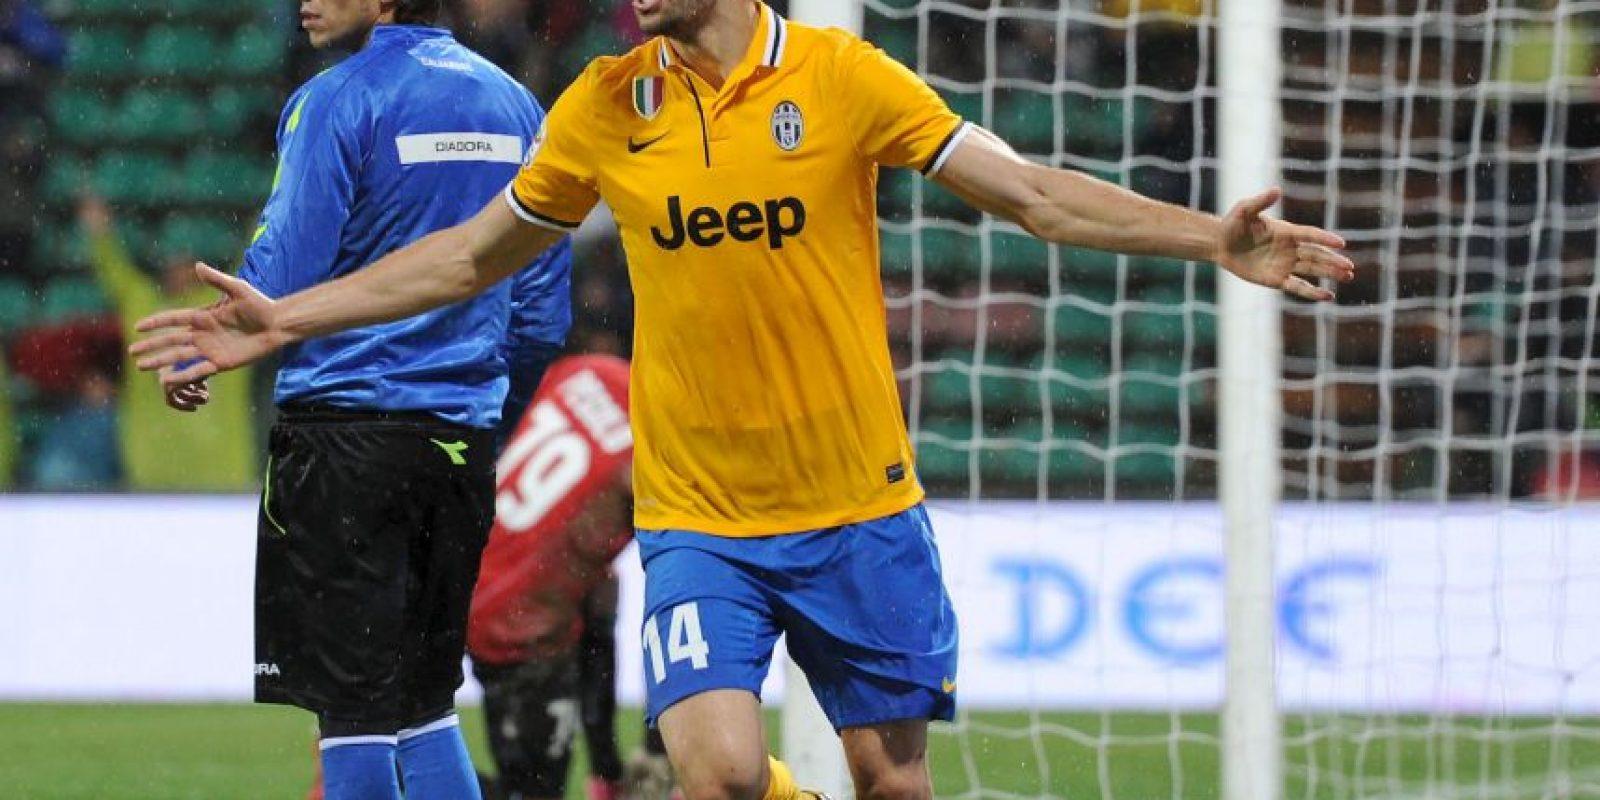 En la Serie A marcha de líder junto a la Roma con marca perfecta de cinco partidos ganados Foto:Getty